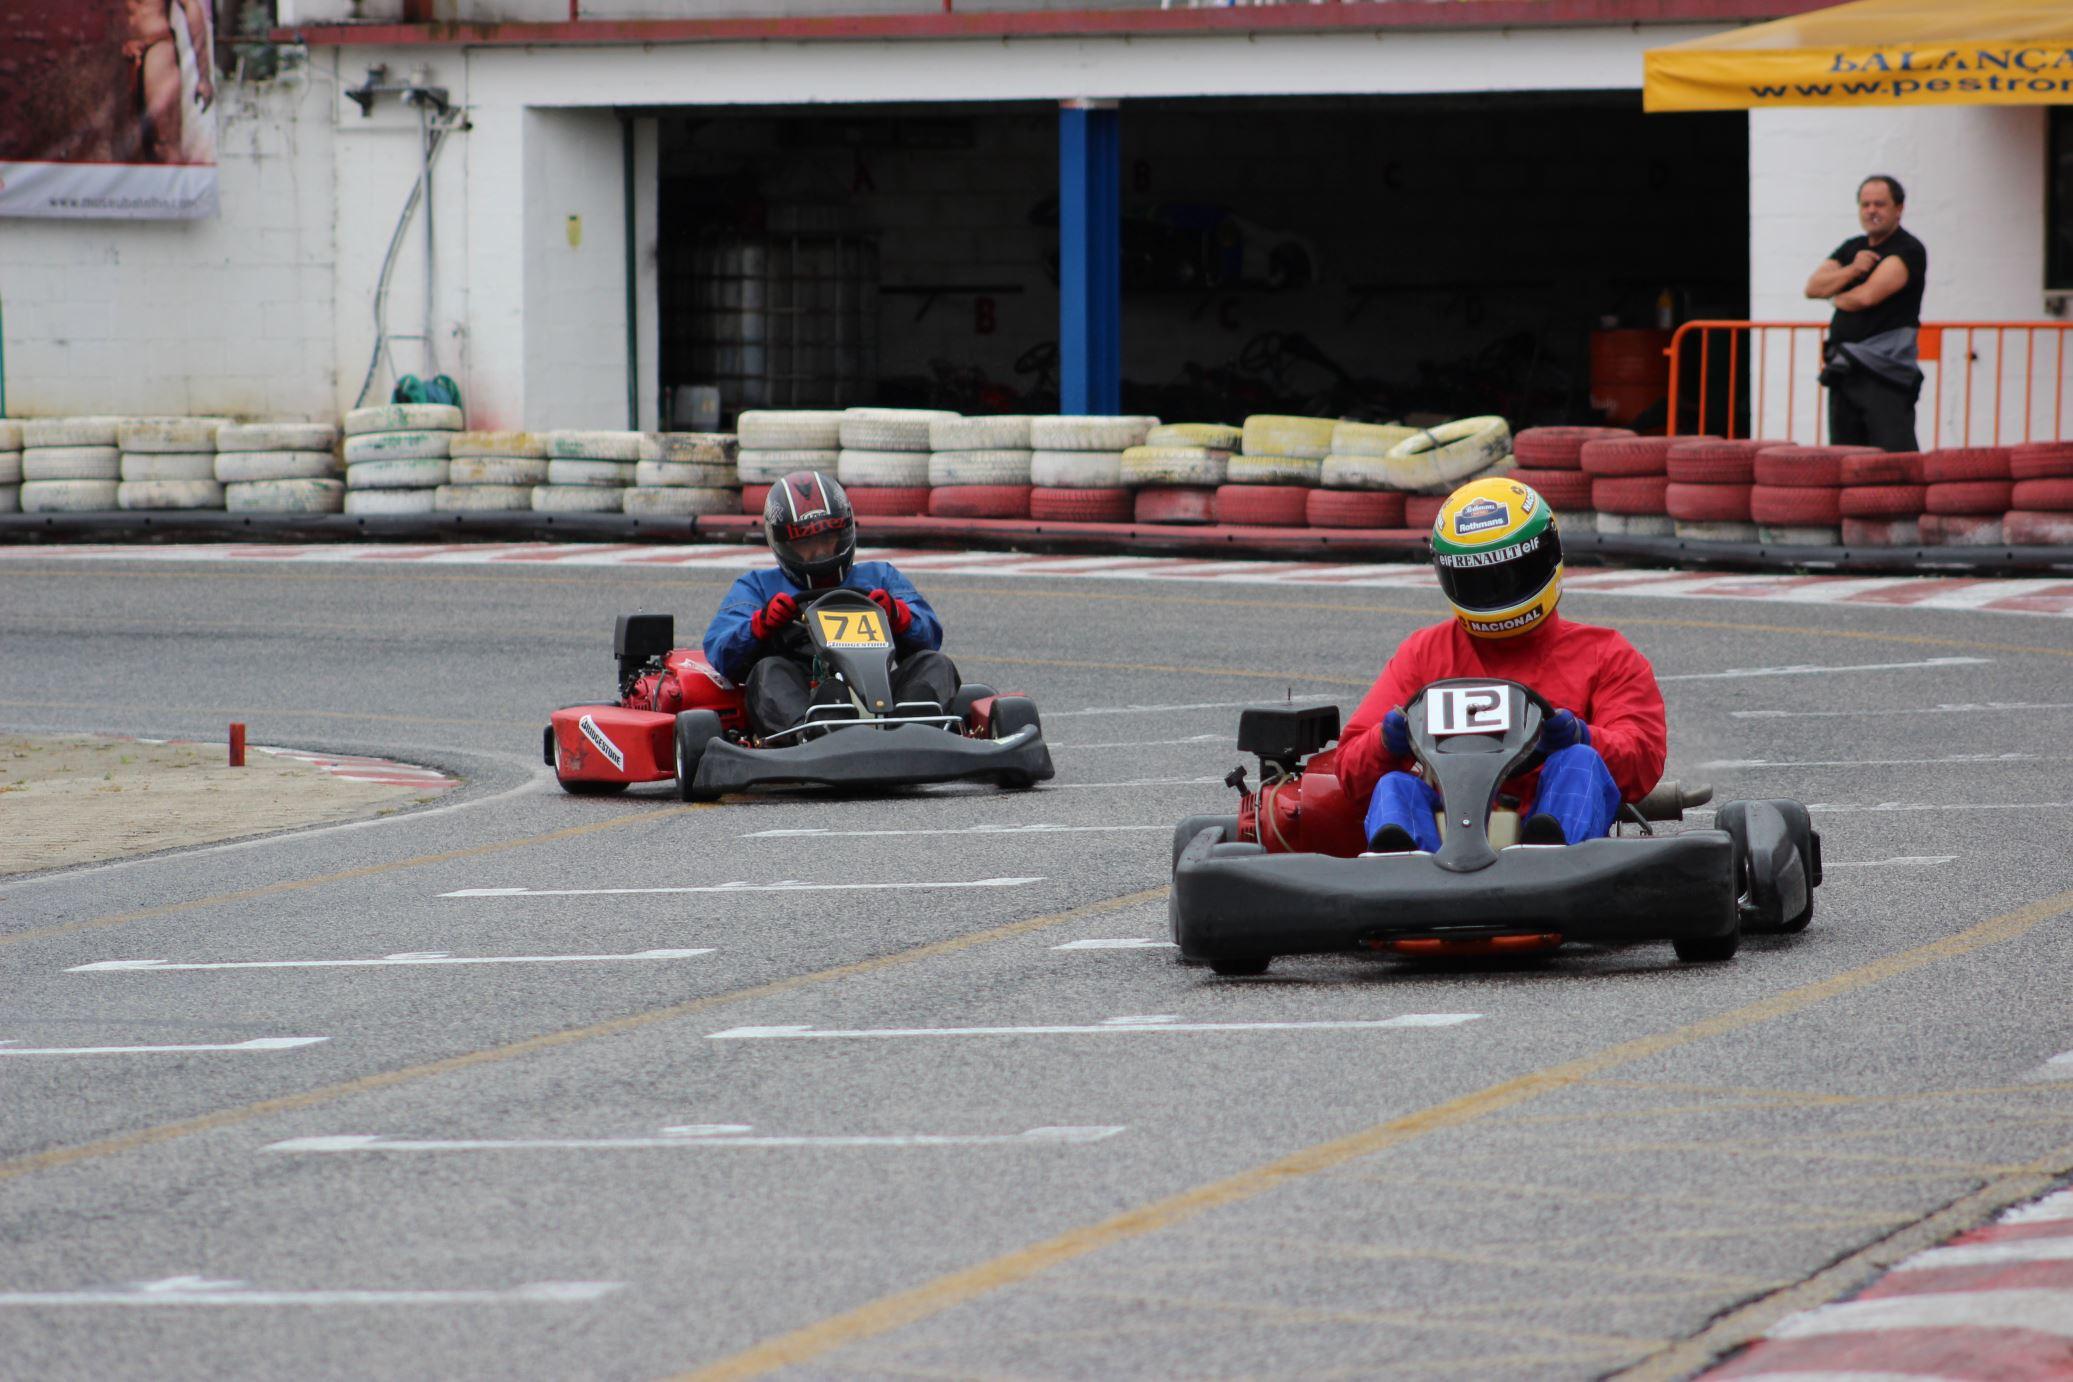 Troféu Honda 2014 - 2ª Prova77